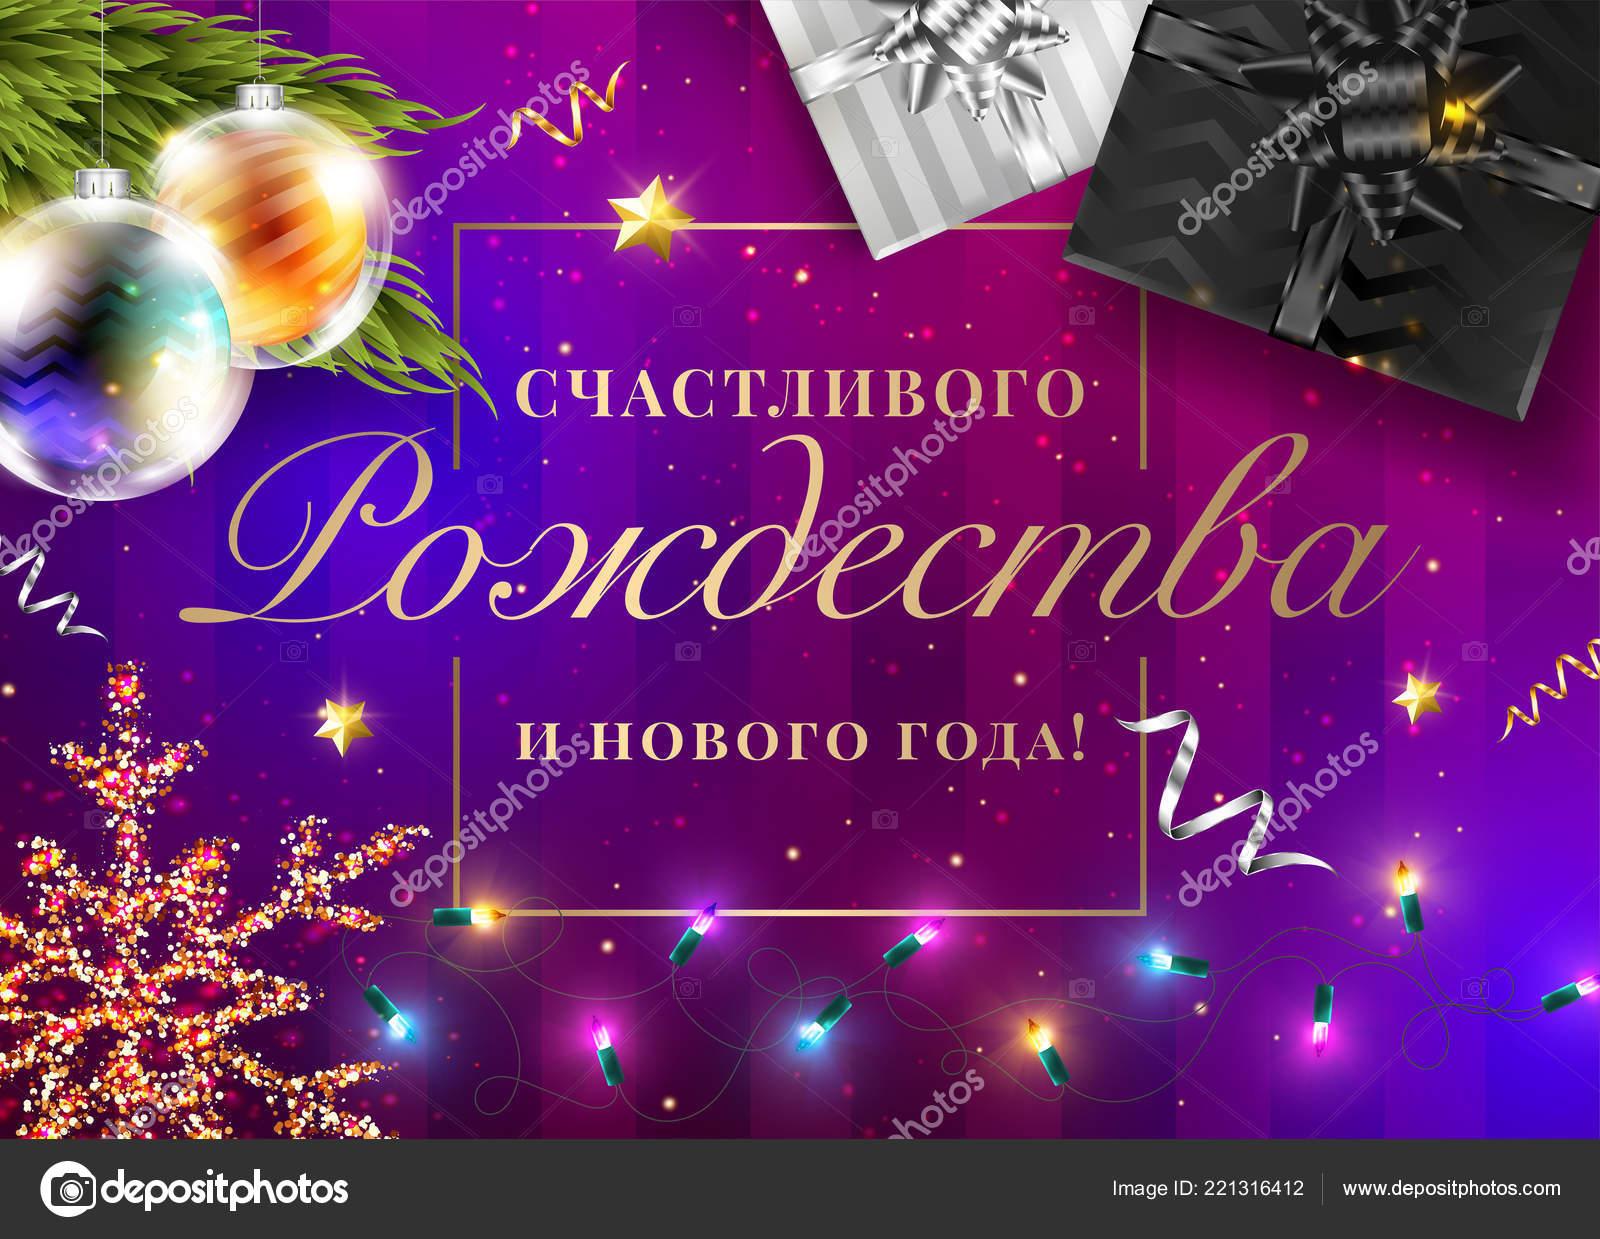 Frohe Weihnachten Und Ein Gutes Neues Jahr Russisch.Frohe Weihnachten Und Happy New Year Auf Russisch Vektor